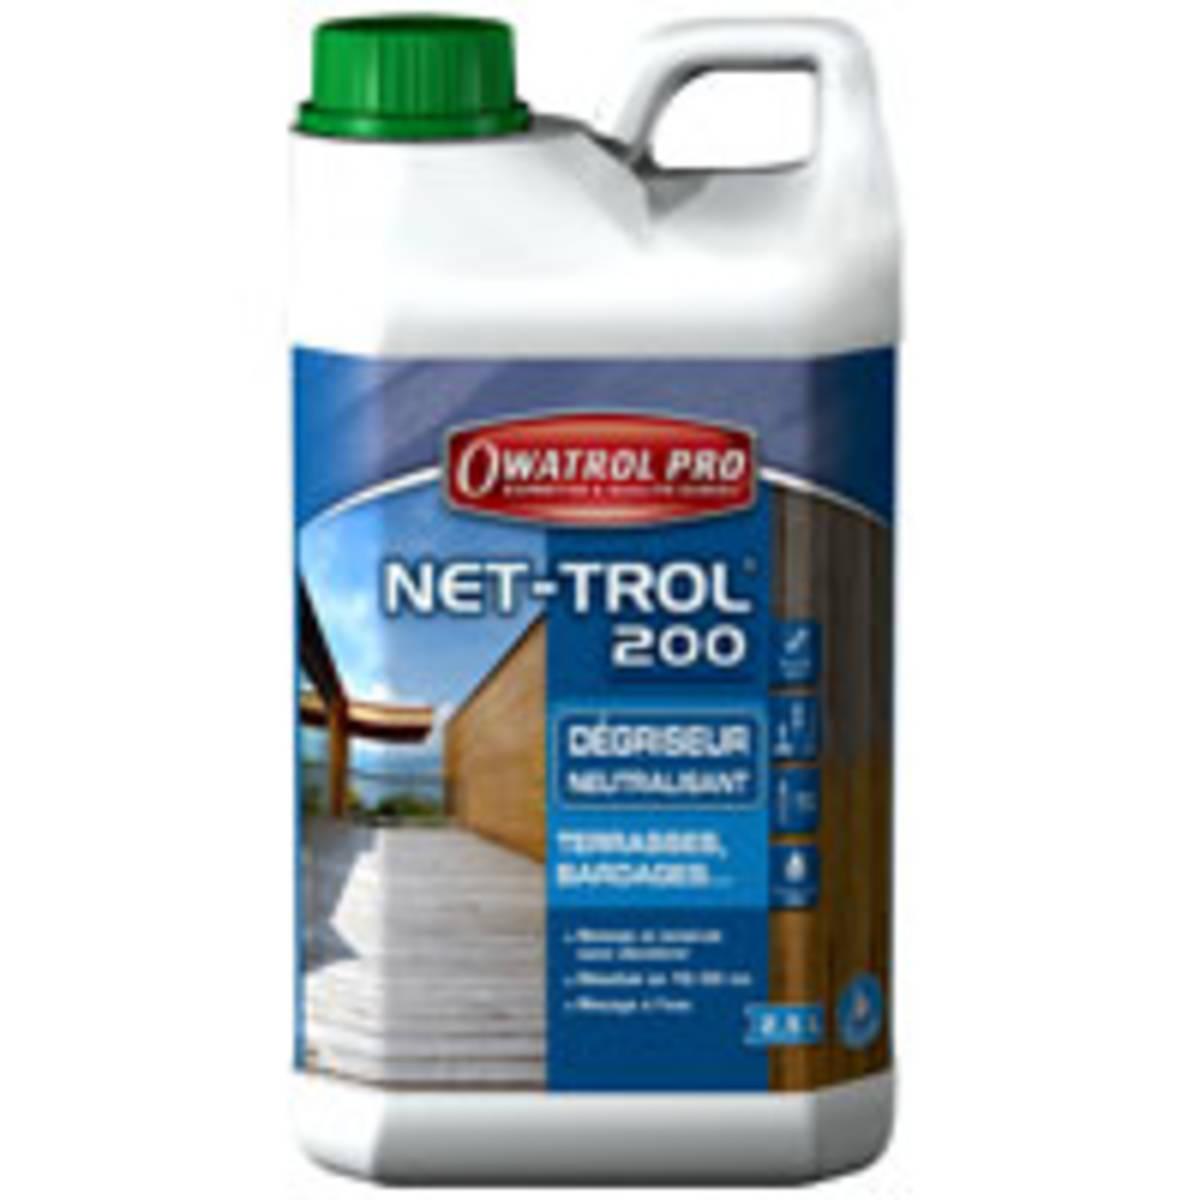 Dégriseur neutralisant gélifié tous bois NET-ROL 200 - seau de 15 litres